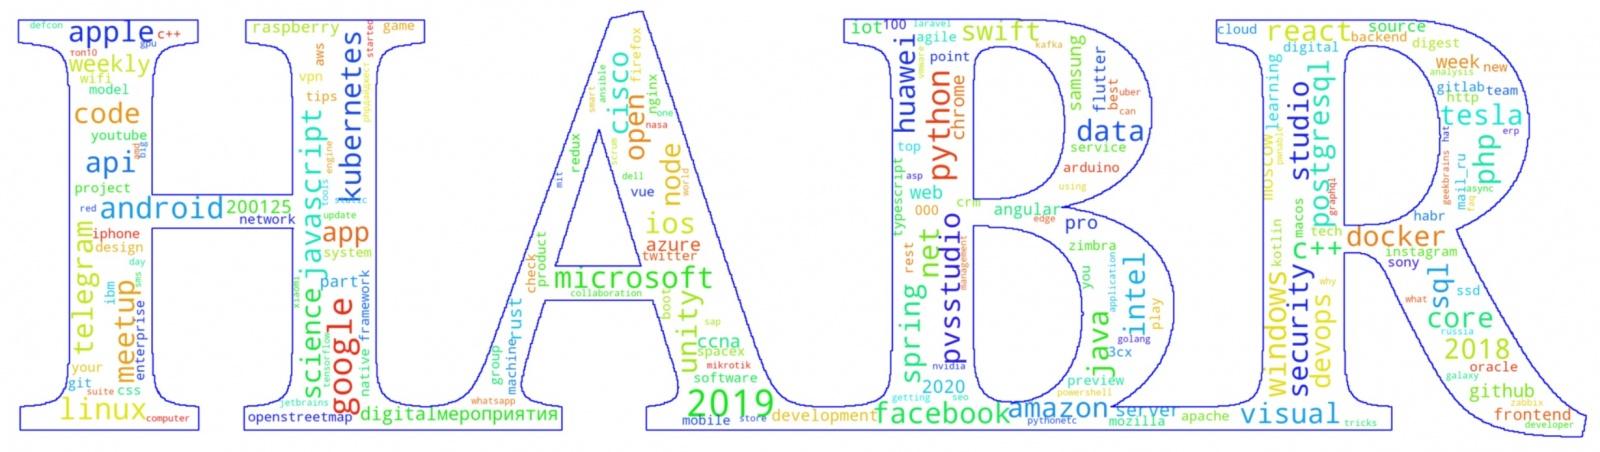 Хабрарейтинг 2019: статистика и рейтинг лучших статей за 2019 год - 1